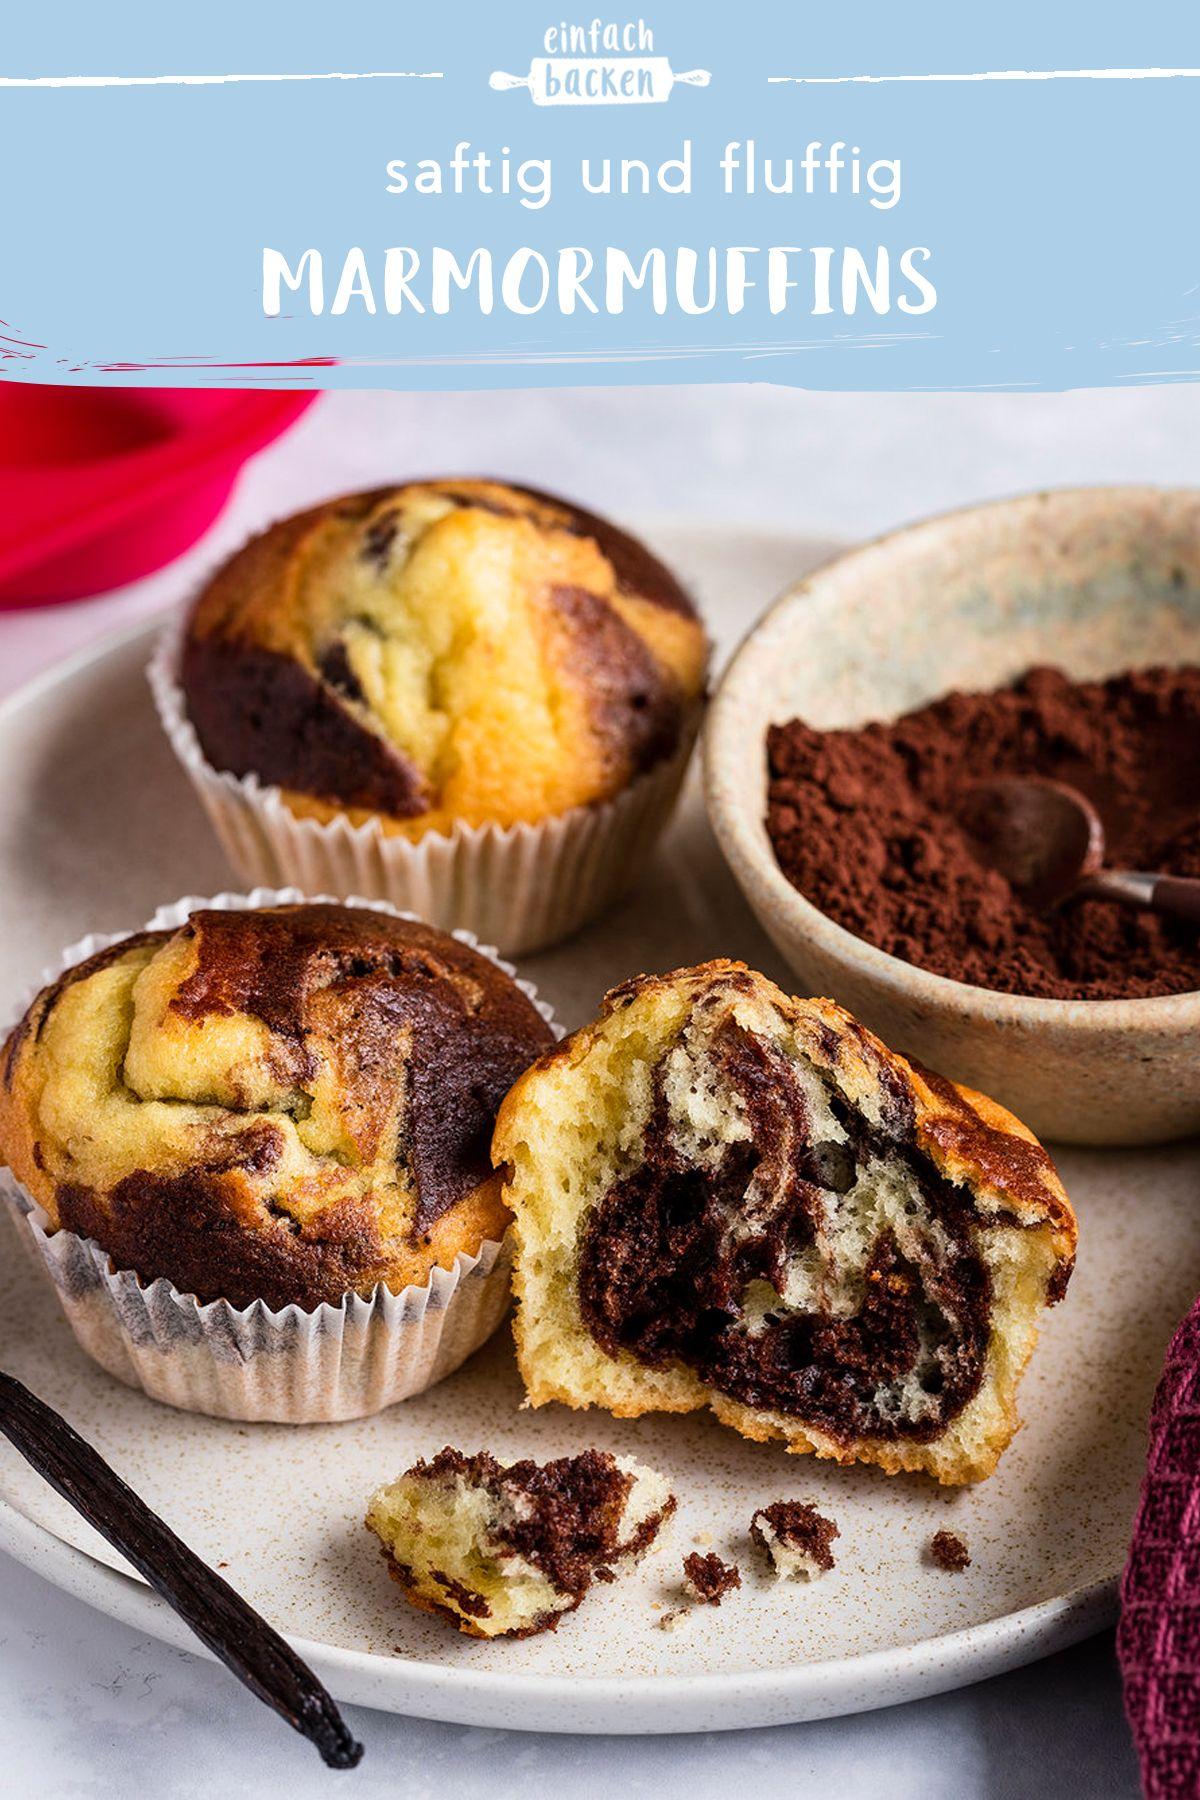 e01ce858aa32a48d2046ec11ceaad508 - Die Besten Muffins Rezepte